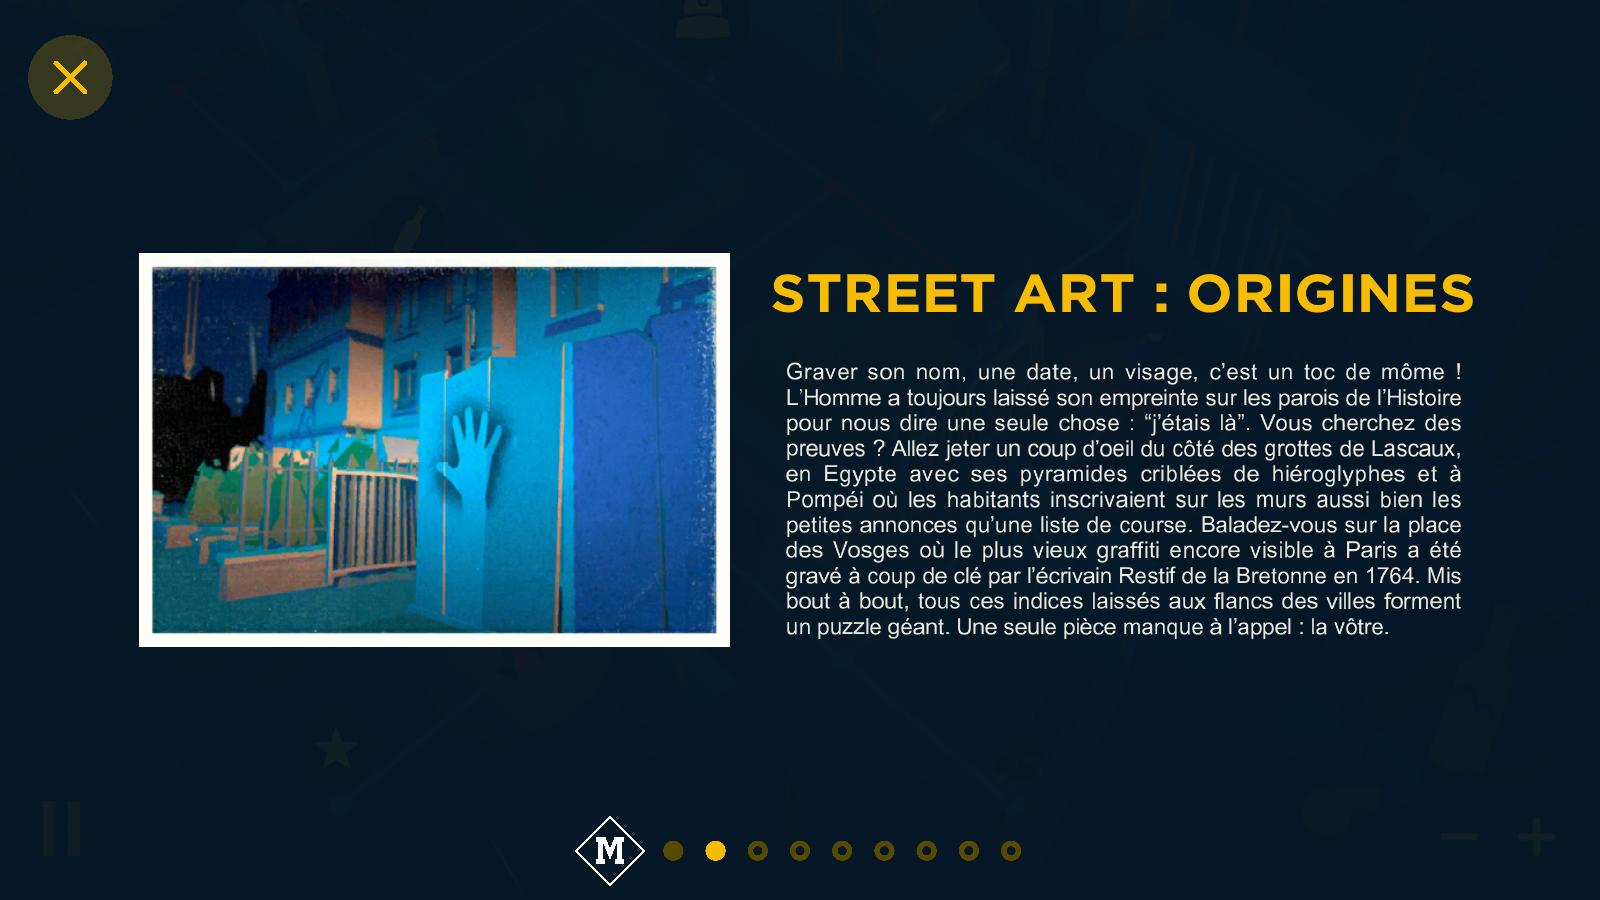 vandals fiche arte graffiti jeu - Vandals, le jeu vidéo qui vous met dans la peau (et les ennuis) d'un graffeur